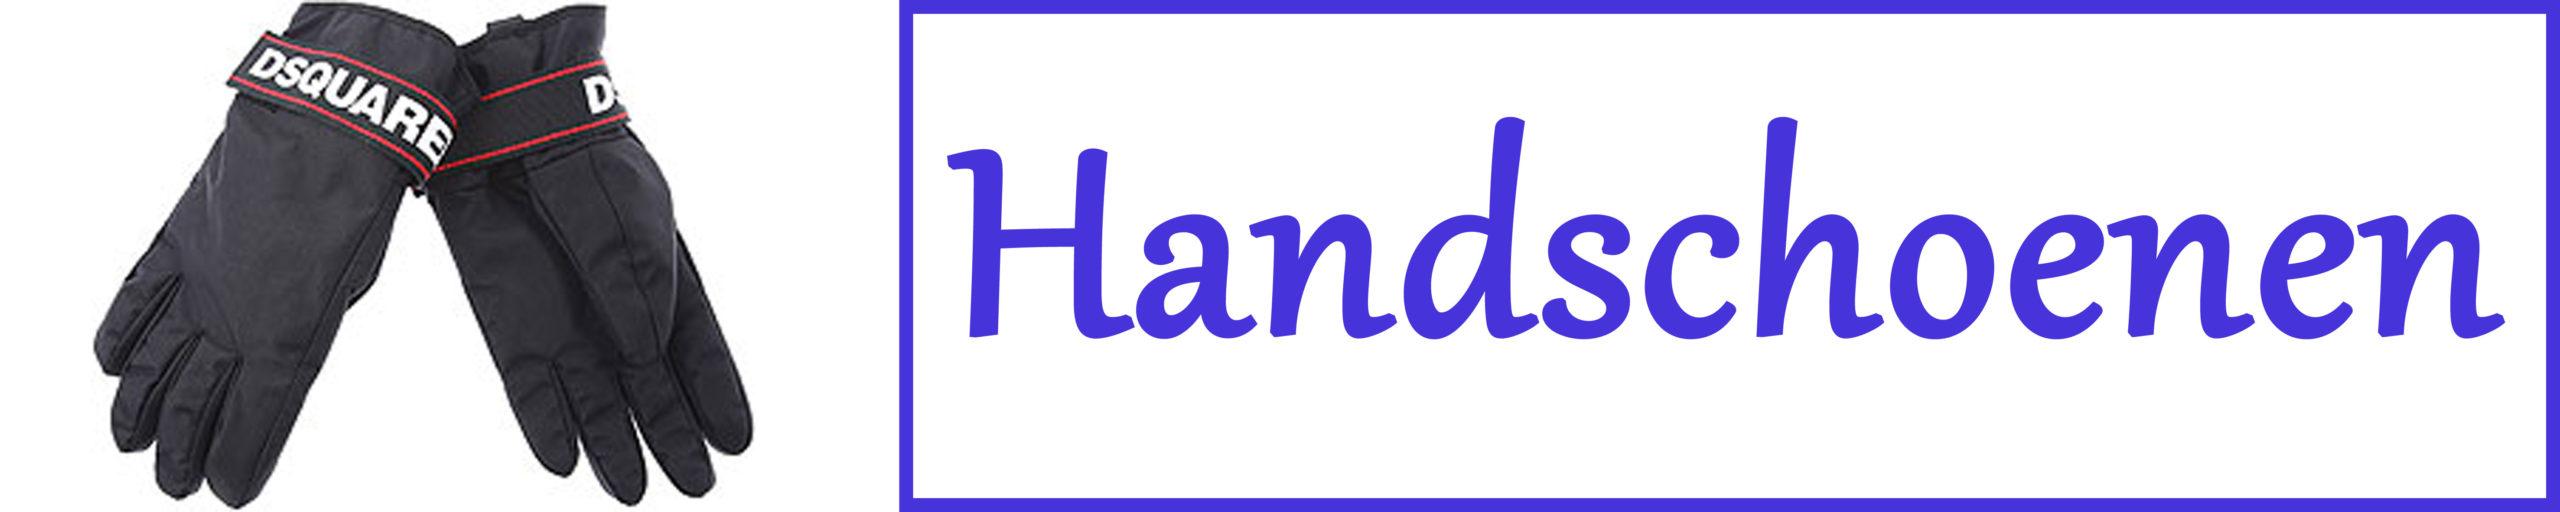 Handschoenen in heren-kleding-van-500-topmodeontwerpers